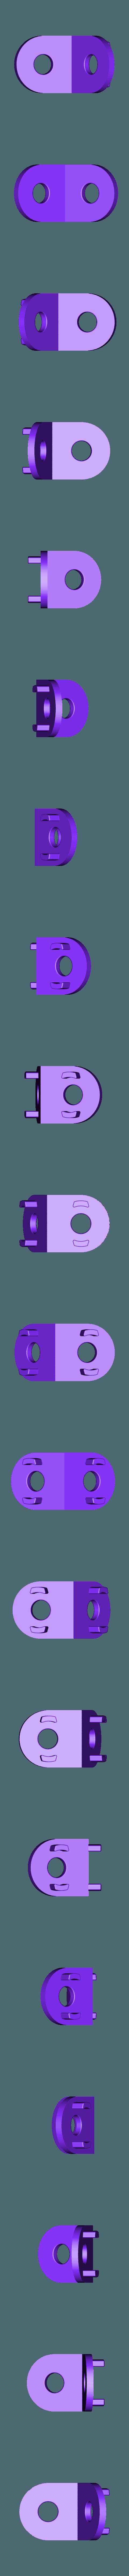 strait_strait_67_5_V2.STL Télécharger fichier STL gratuit MEGA Expansion 200+ Pièces • Plan à imprimer en 3D, Pwentey